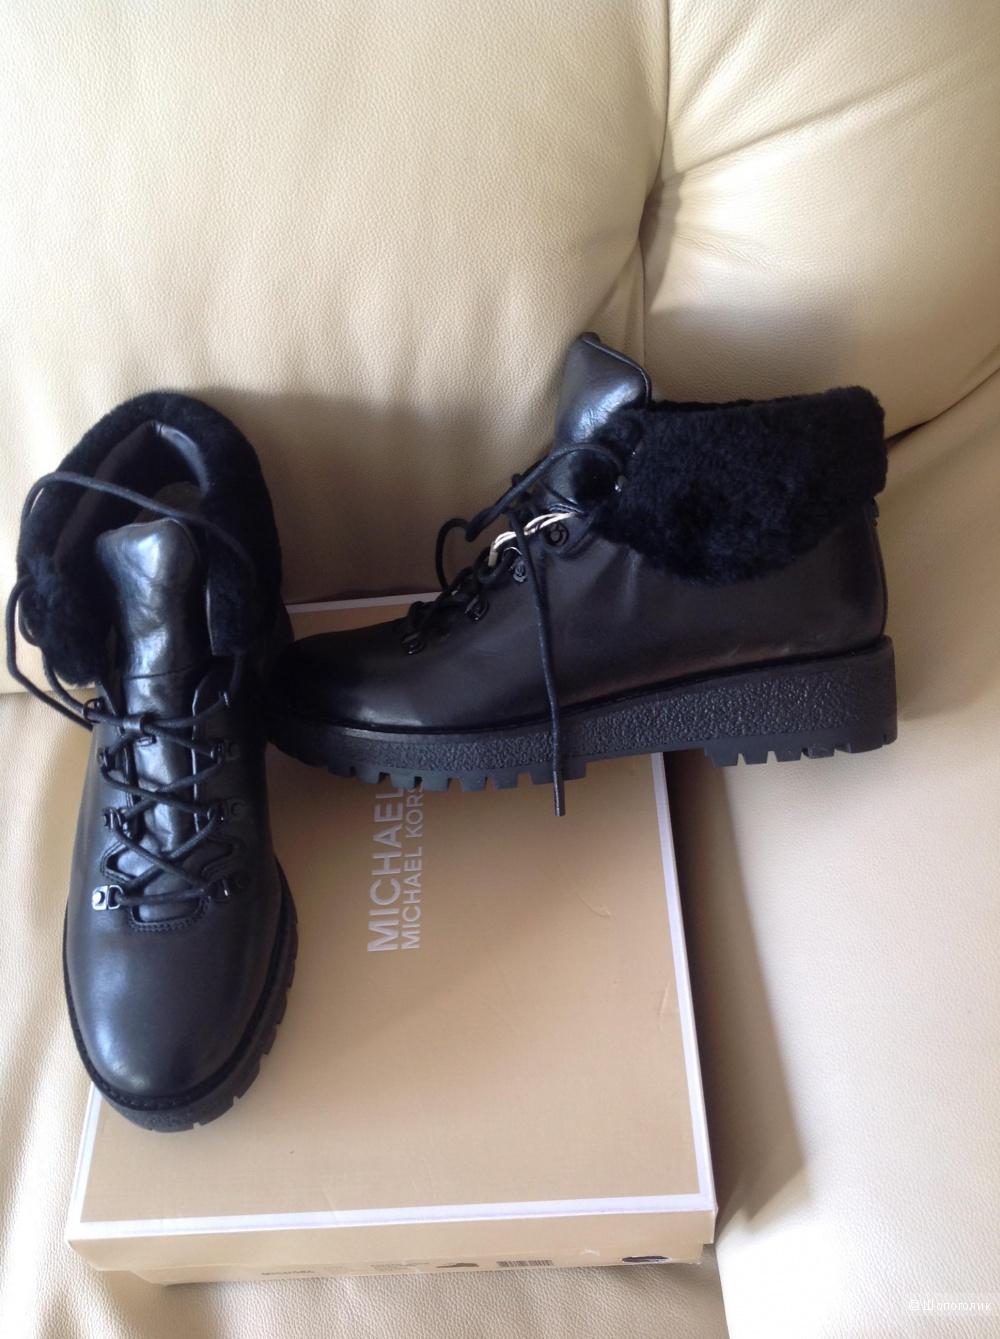 Ботинки зимние Michael kors, размер 10, на 40-41